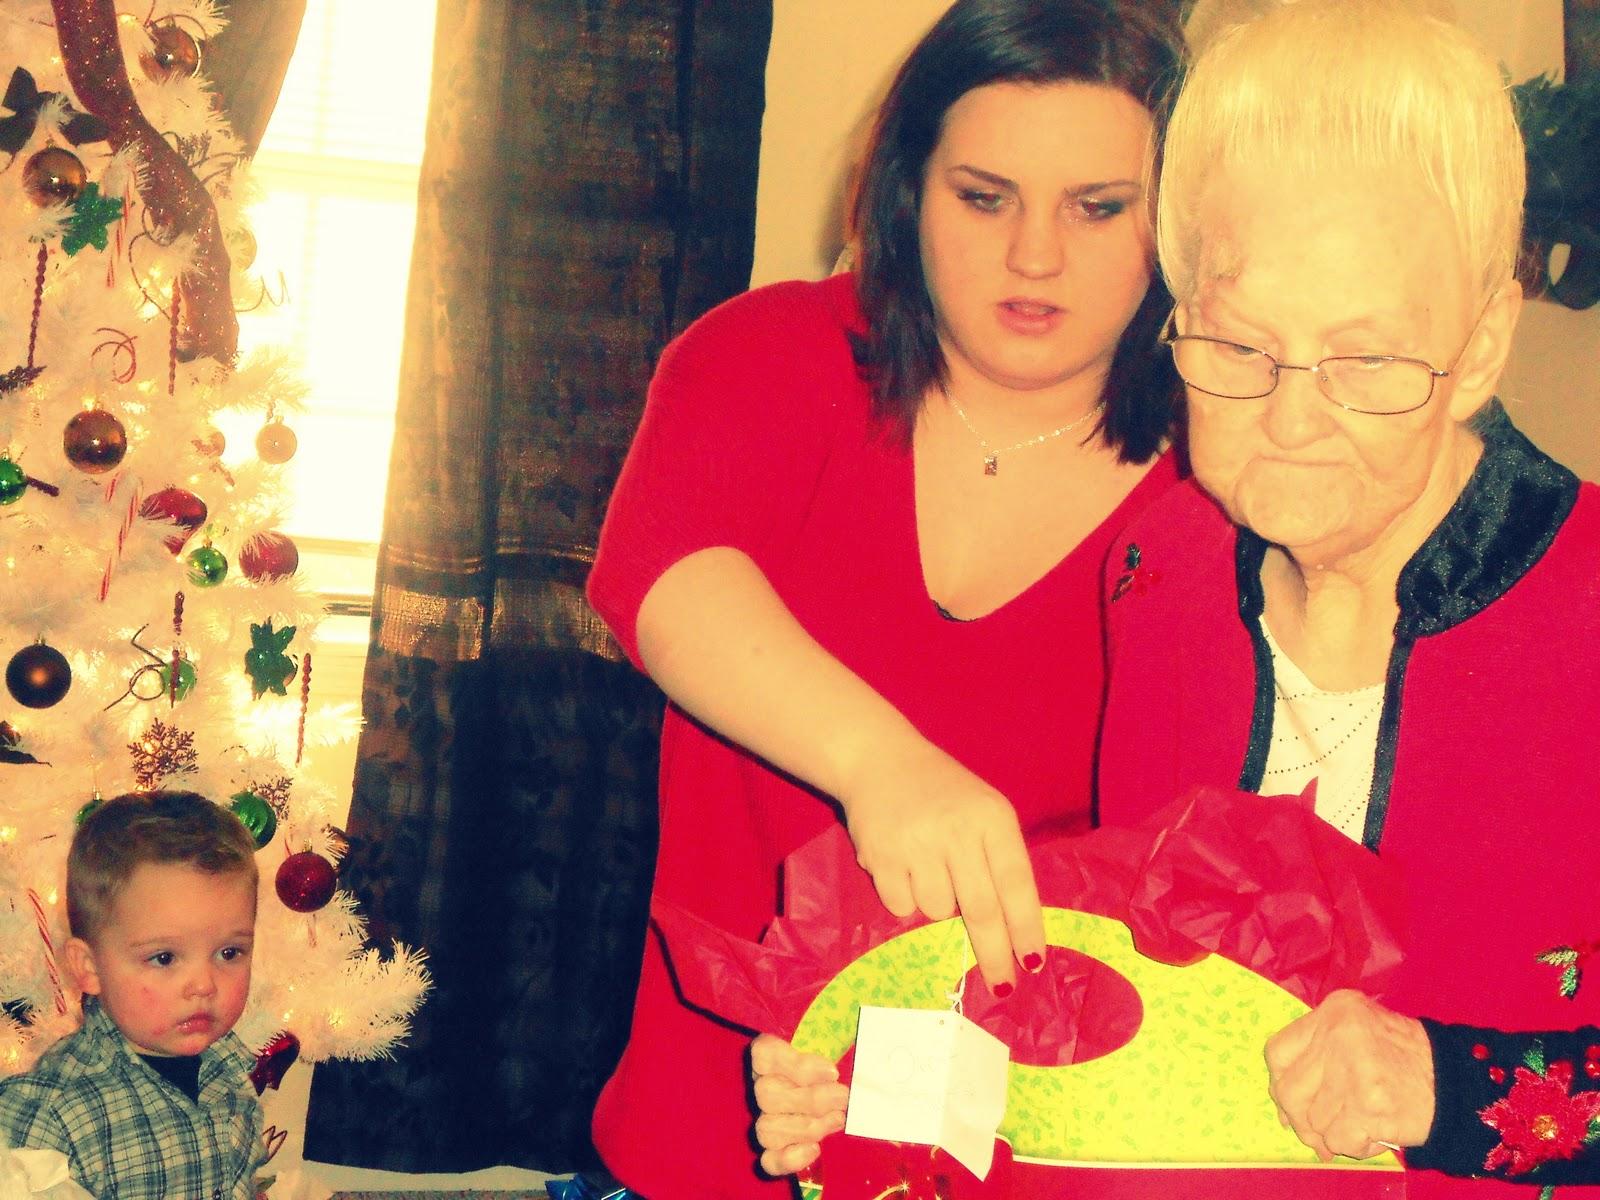 http://4.bp.blogspot.com/-syt2sOP_x5I/Tvf2k1ADkNI/AAAAAAAAEQQ/mjaQyo7Iih0/s1600/Christmas+2011+069.JPG